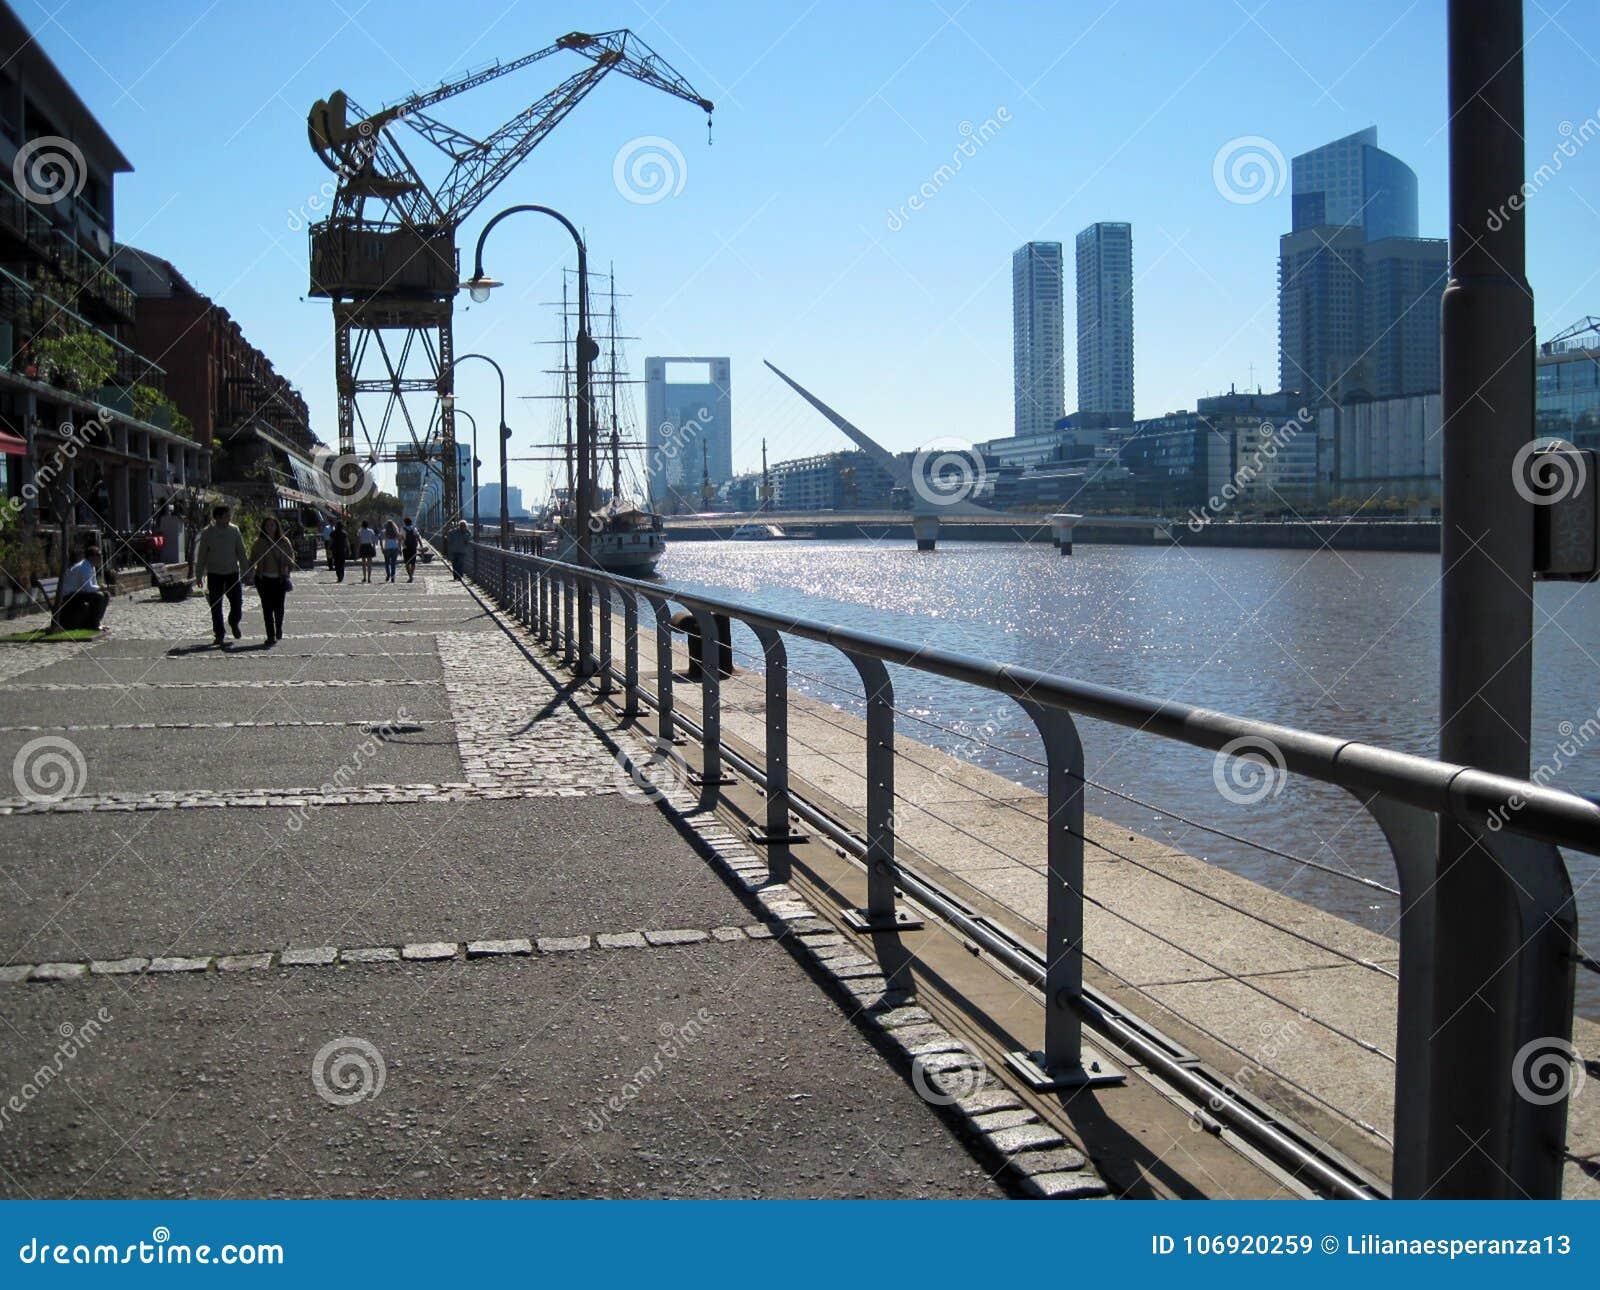 Puente de la Mujer Puerto Madero Buenos Aires Argentine